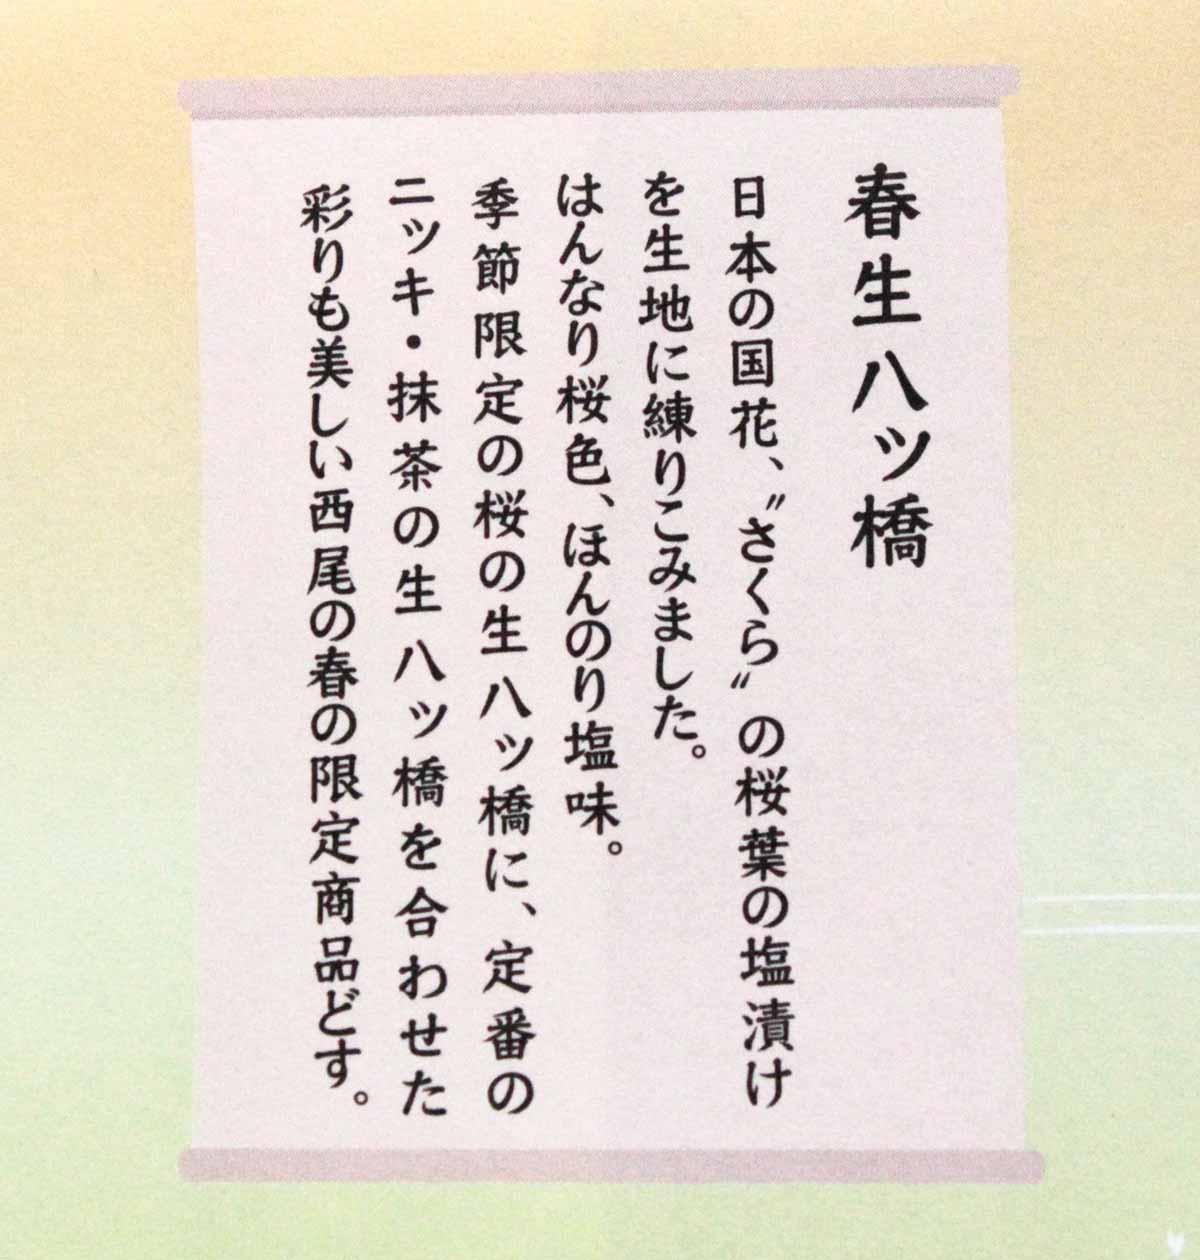 【本家西尾八ッ橋】生八ッ橋(春)の説明書き